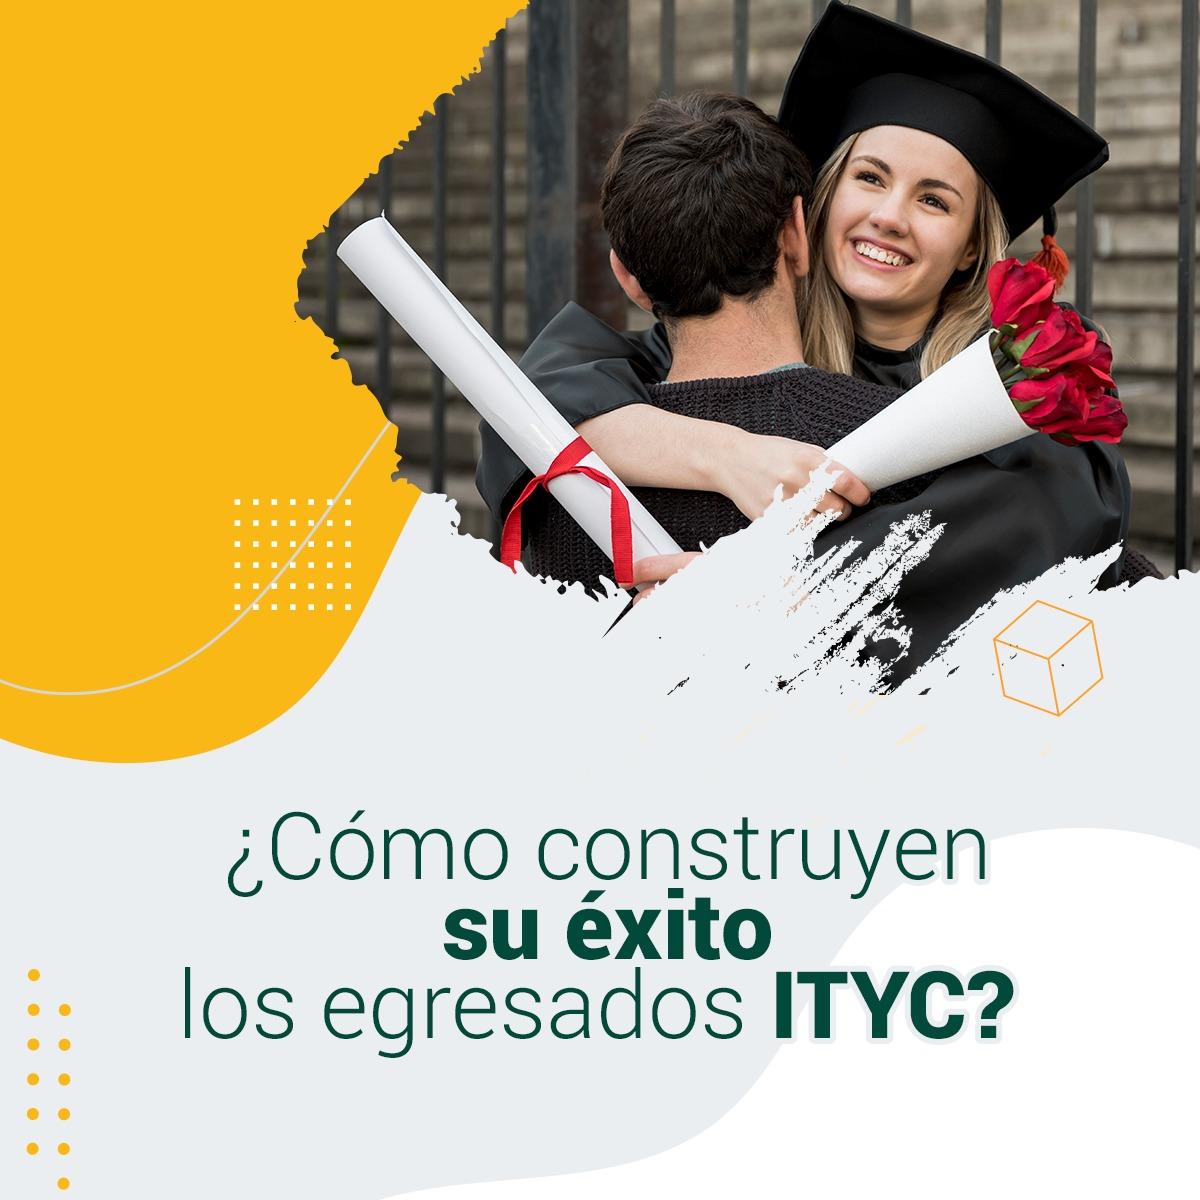 ¿Cómo construyen su éxito los egresados ITYC?